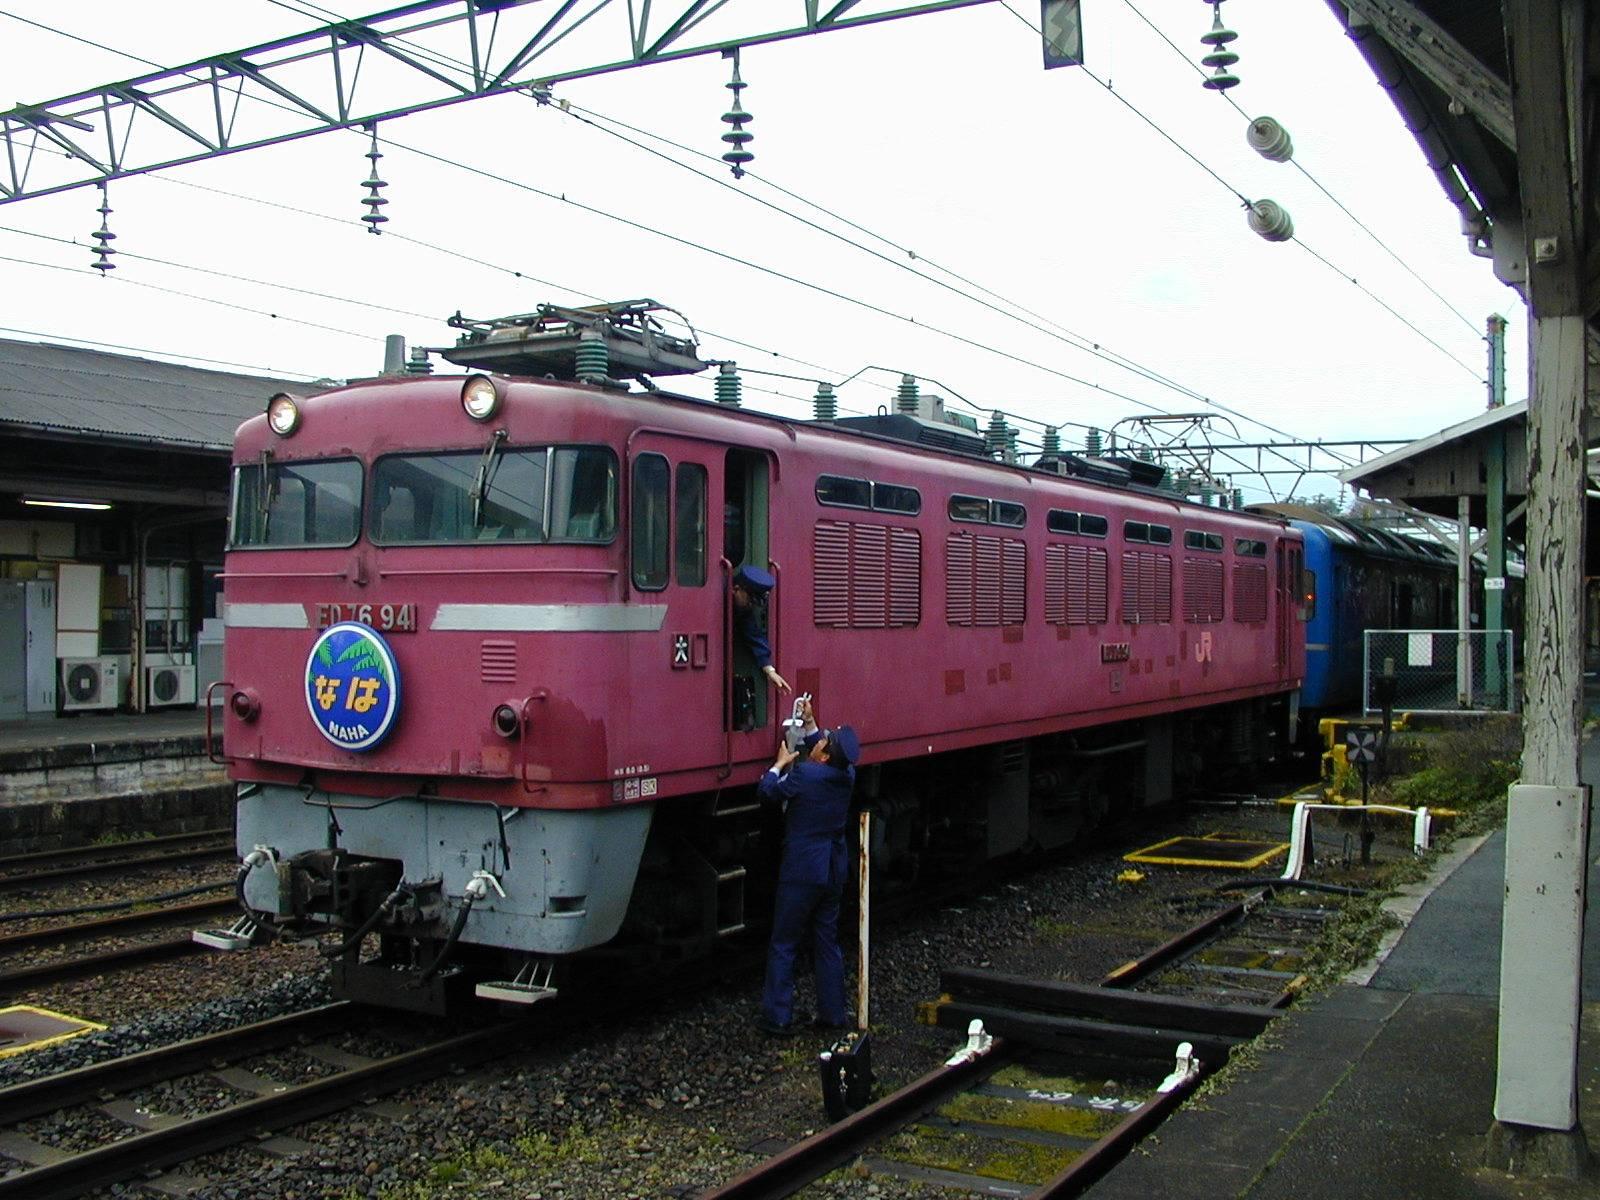 熊本駅なは(JPG-273k)